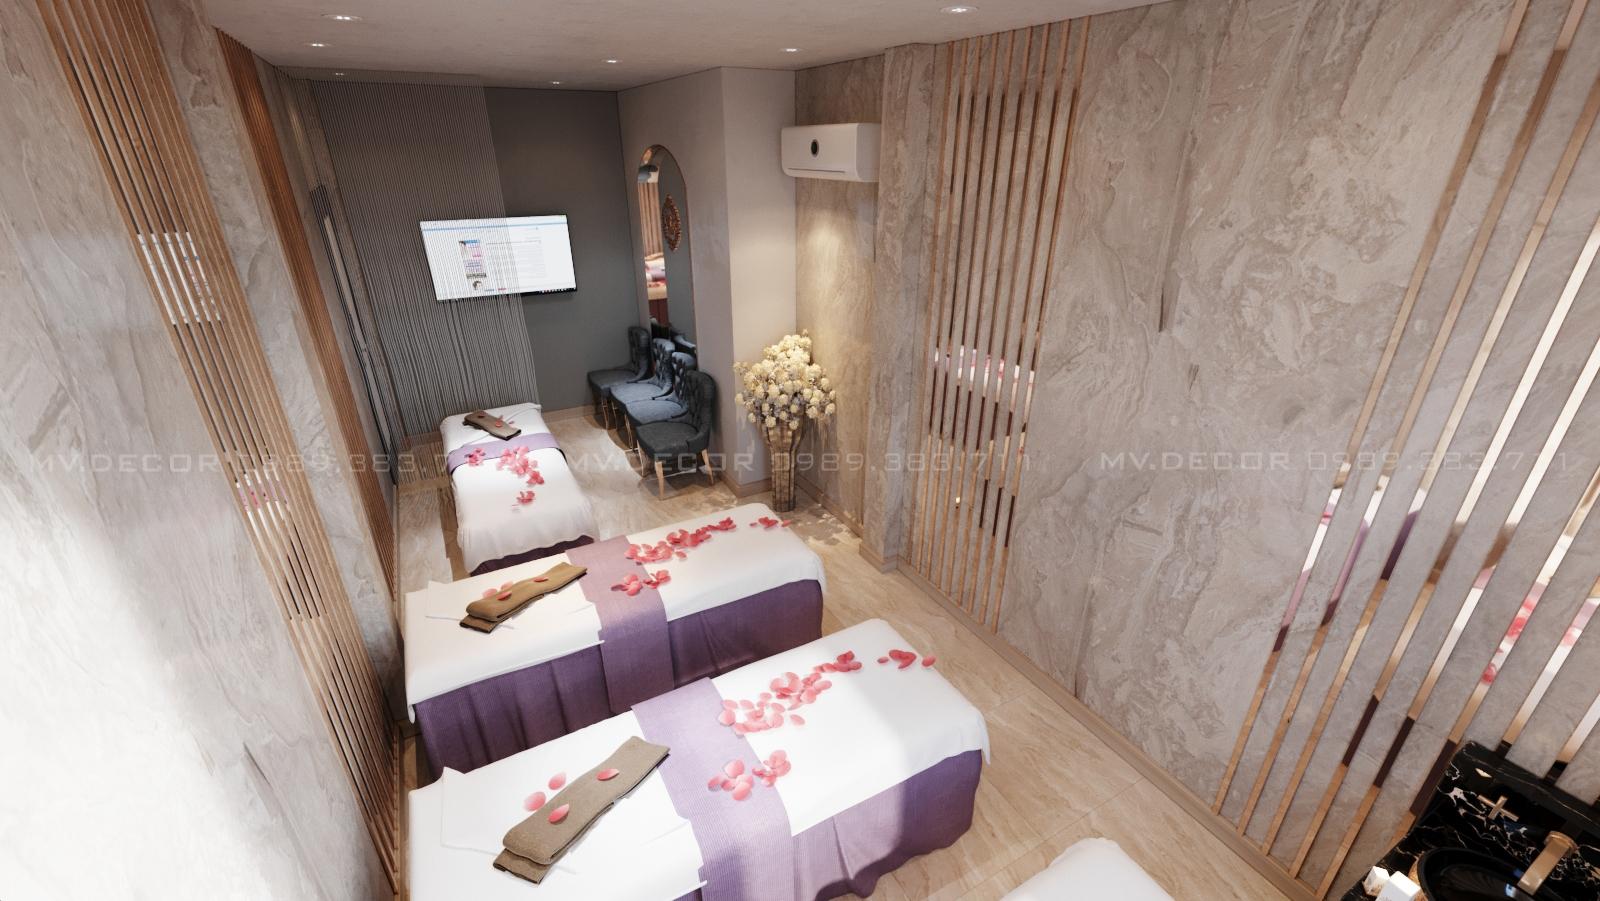 thiết kế nội thất Spa tại Hồ Chí Minh CHI NHÁNH MI HƯƠNG SPA HỒ CHÍ MINH 11 1562719799